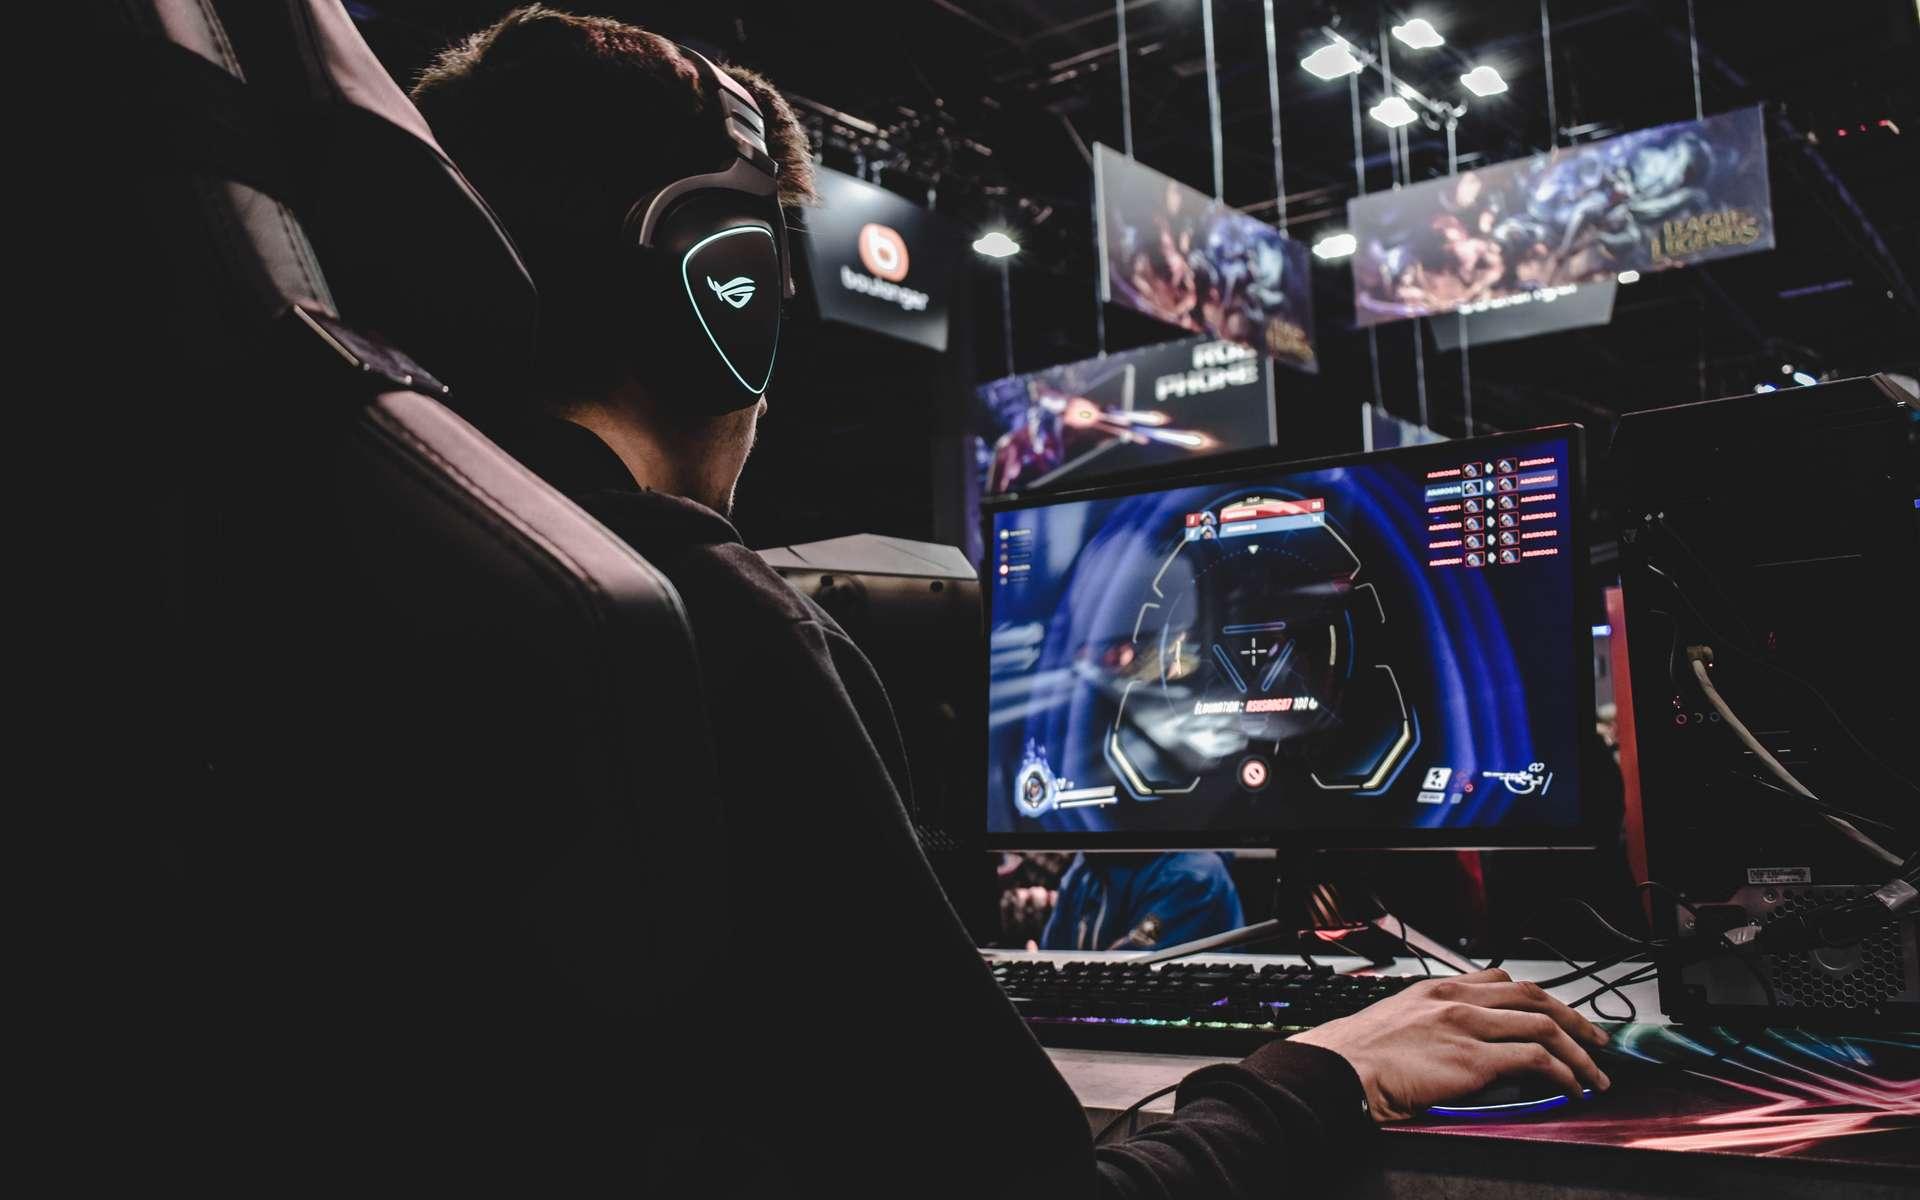 Le cloud gaming, un service de streaming pour les fans de jeux vidéo sur PC. © Florian Olivo, Unsplash